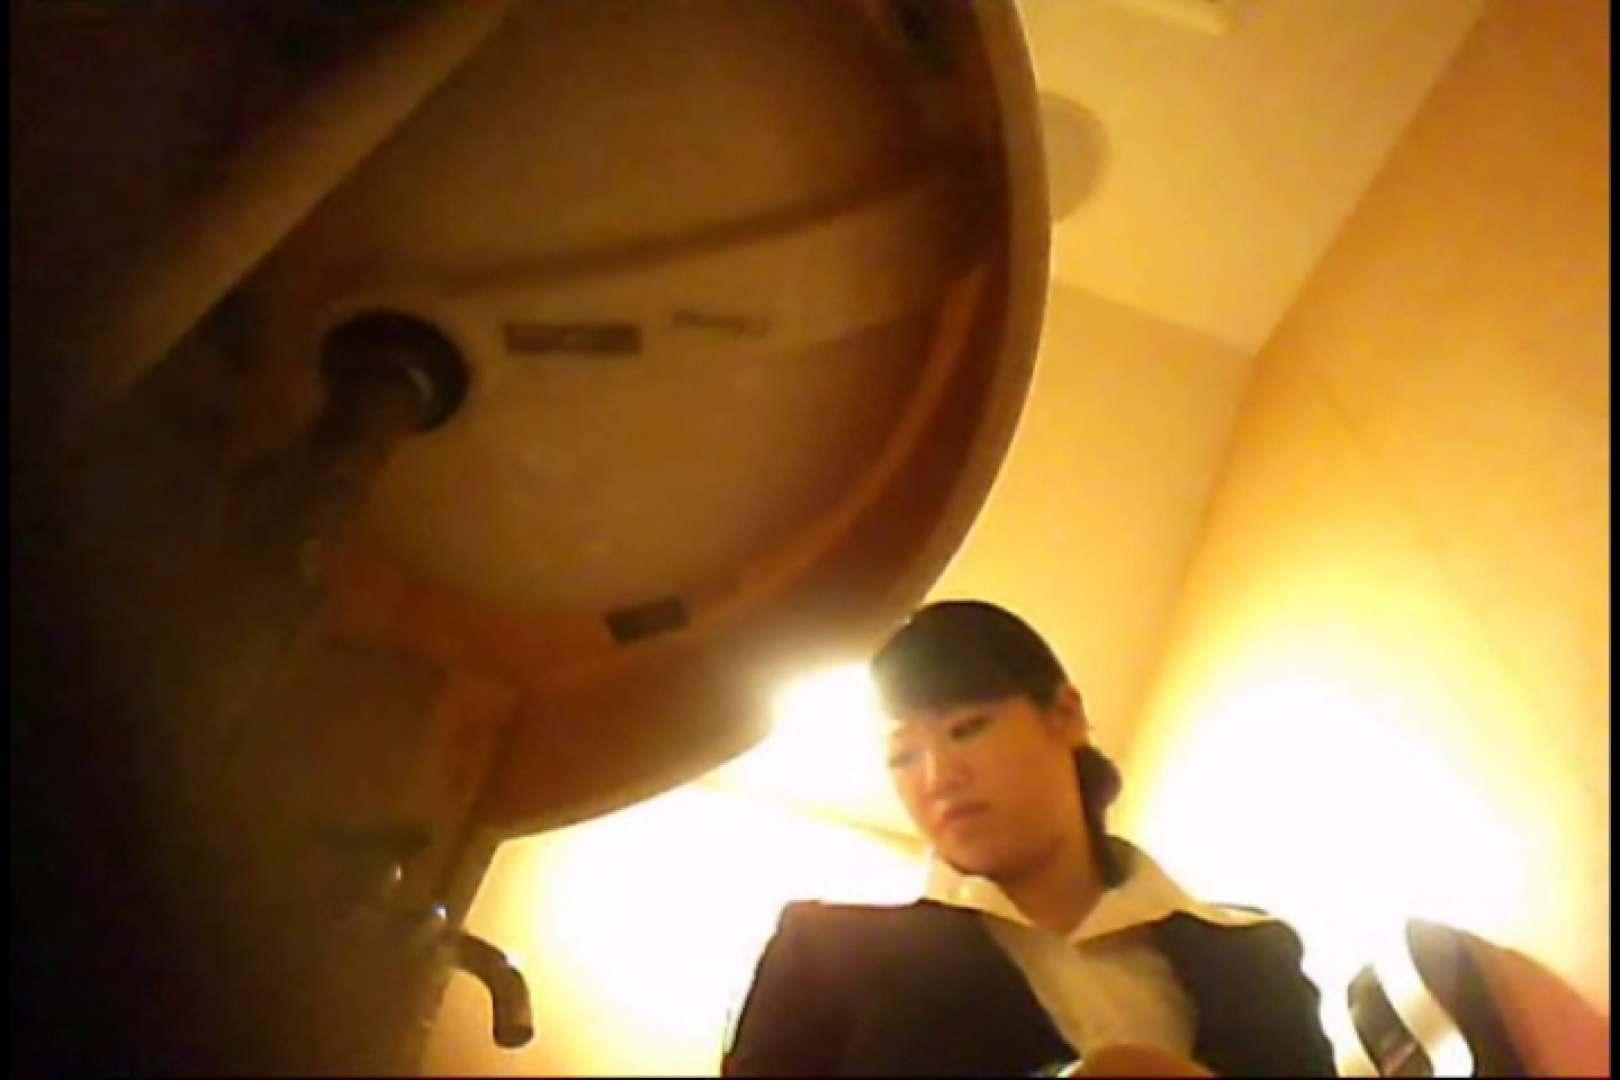 潜入!!女子化粧室盗撮~絶対見られたくない時間~vo,37 むっちり 濡れ場動画紹介 79pic 48